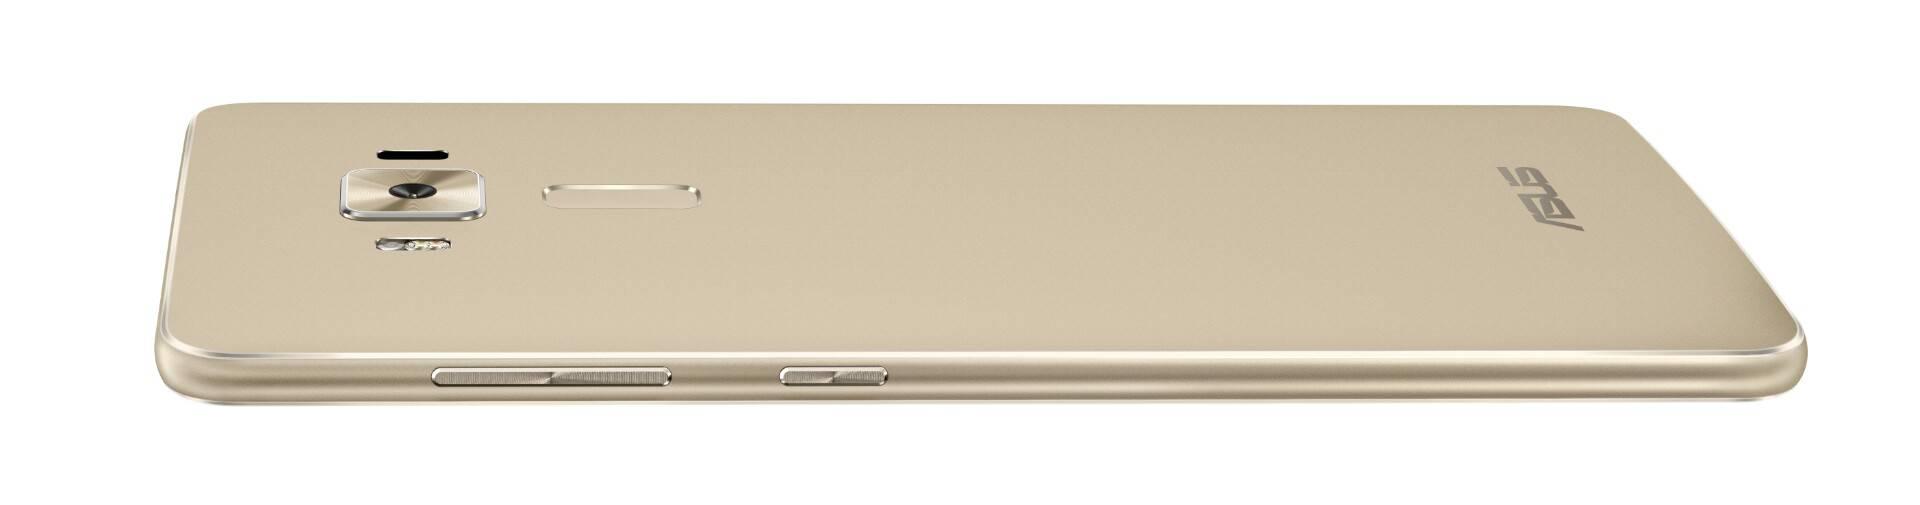 ASUS ZenFone 3 Deluxe 18